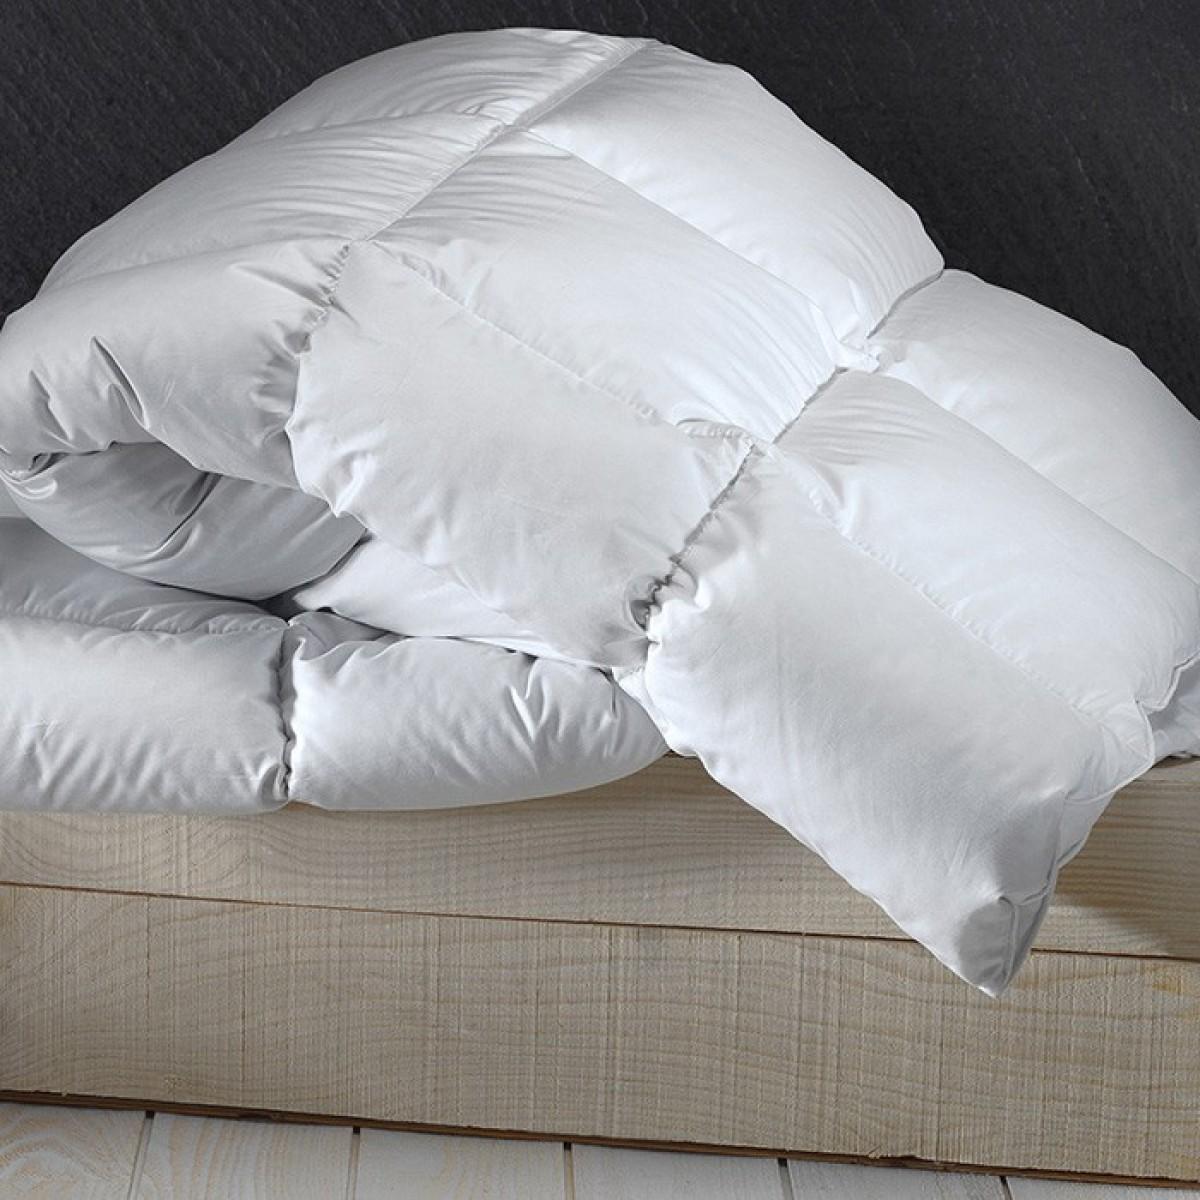 couette duvet d 39 oie du p rigord dumas paris. Black Bedroom Furniture Sets. Home Design Ideas